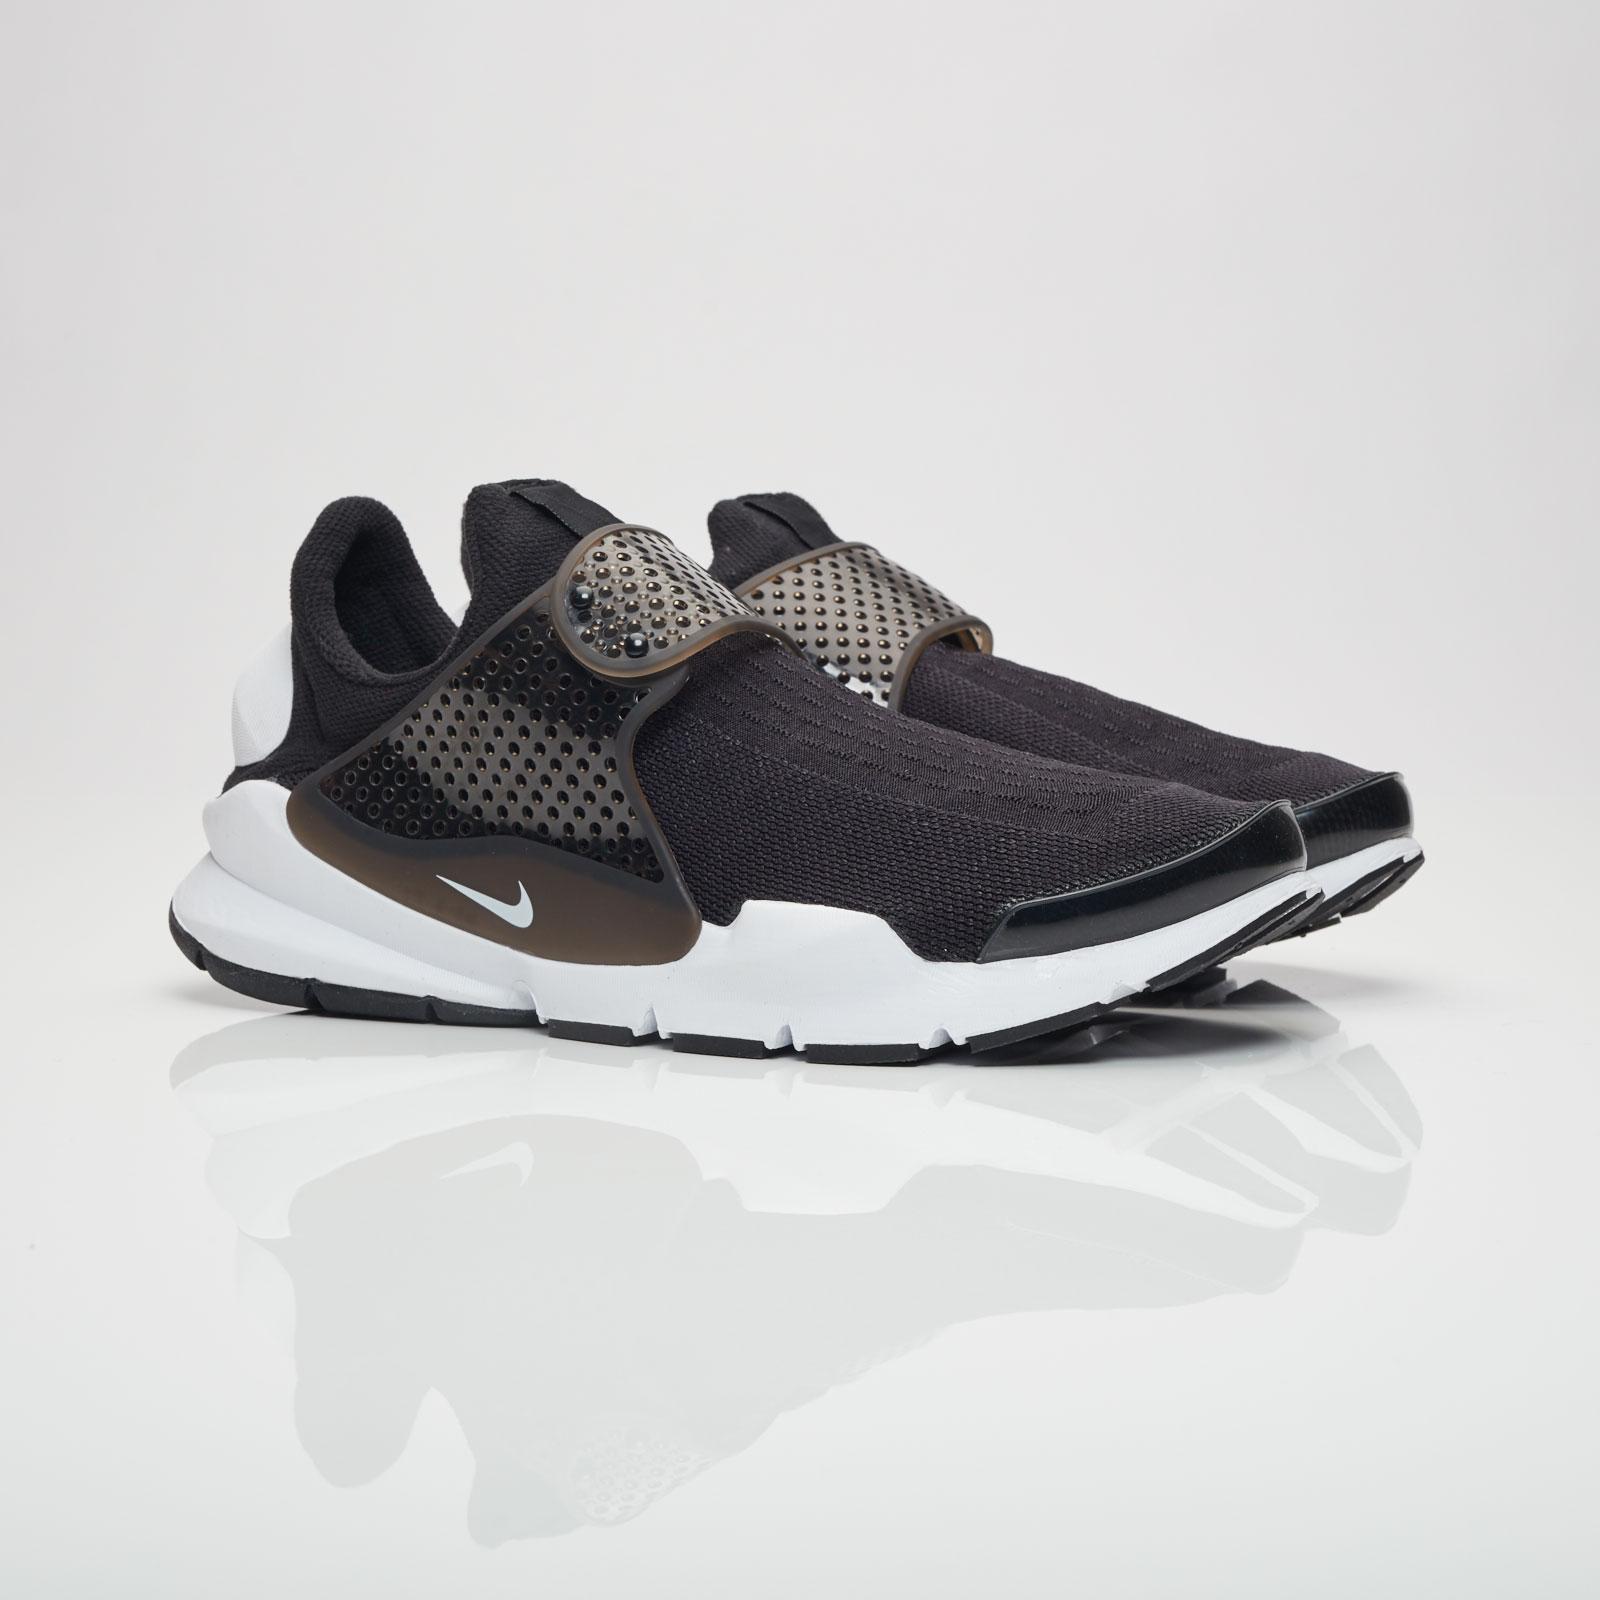 uk availability 6d1e2 319d5 Nike Sock Dart KJCRD - 819686-005 - Sneakersnstuff ...